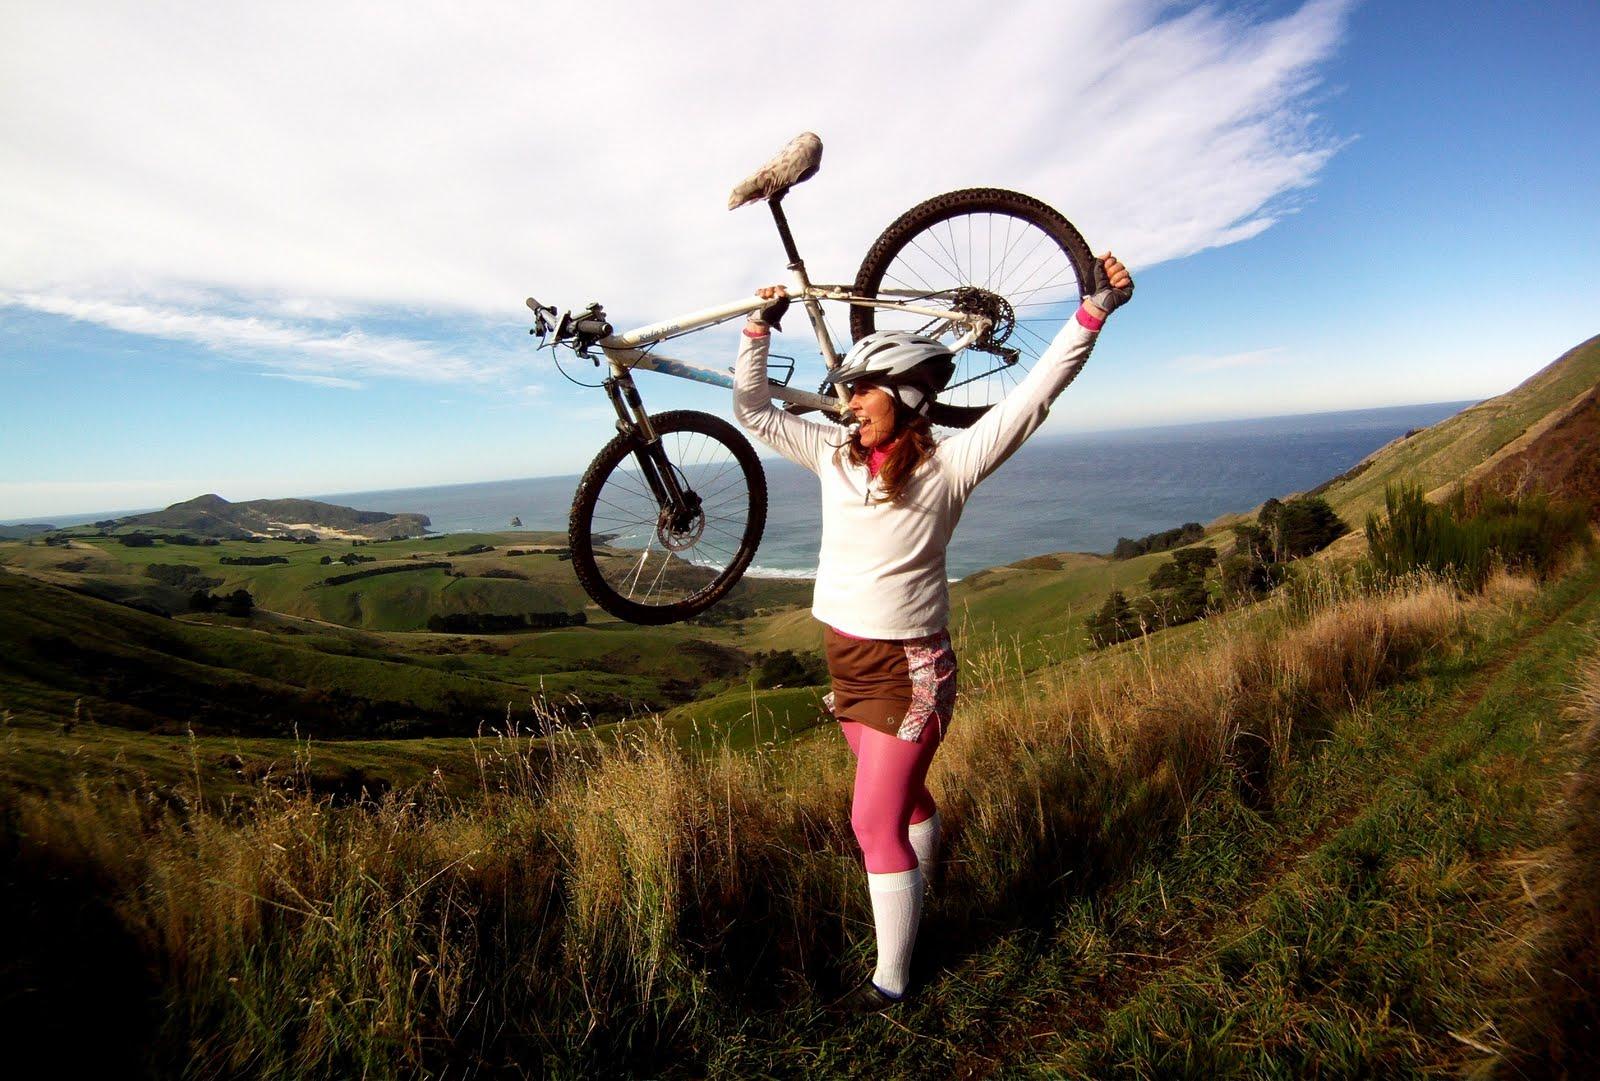 http://1.bp.blogspot.com/-PFBxXc9L7nk/Tdr1F91spUI/AAAAAAAABAQ/Je7DvVbFPc0/s1600/jen+and+bike+photo.JPG